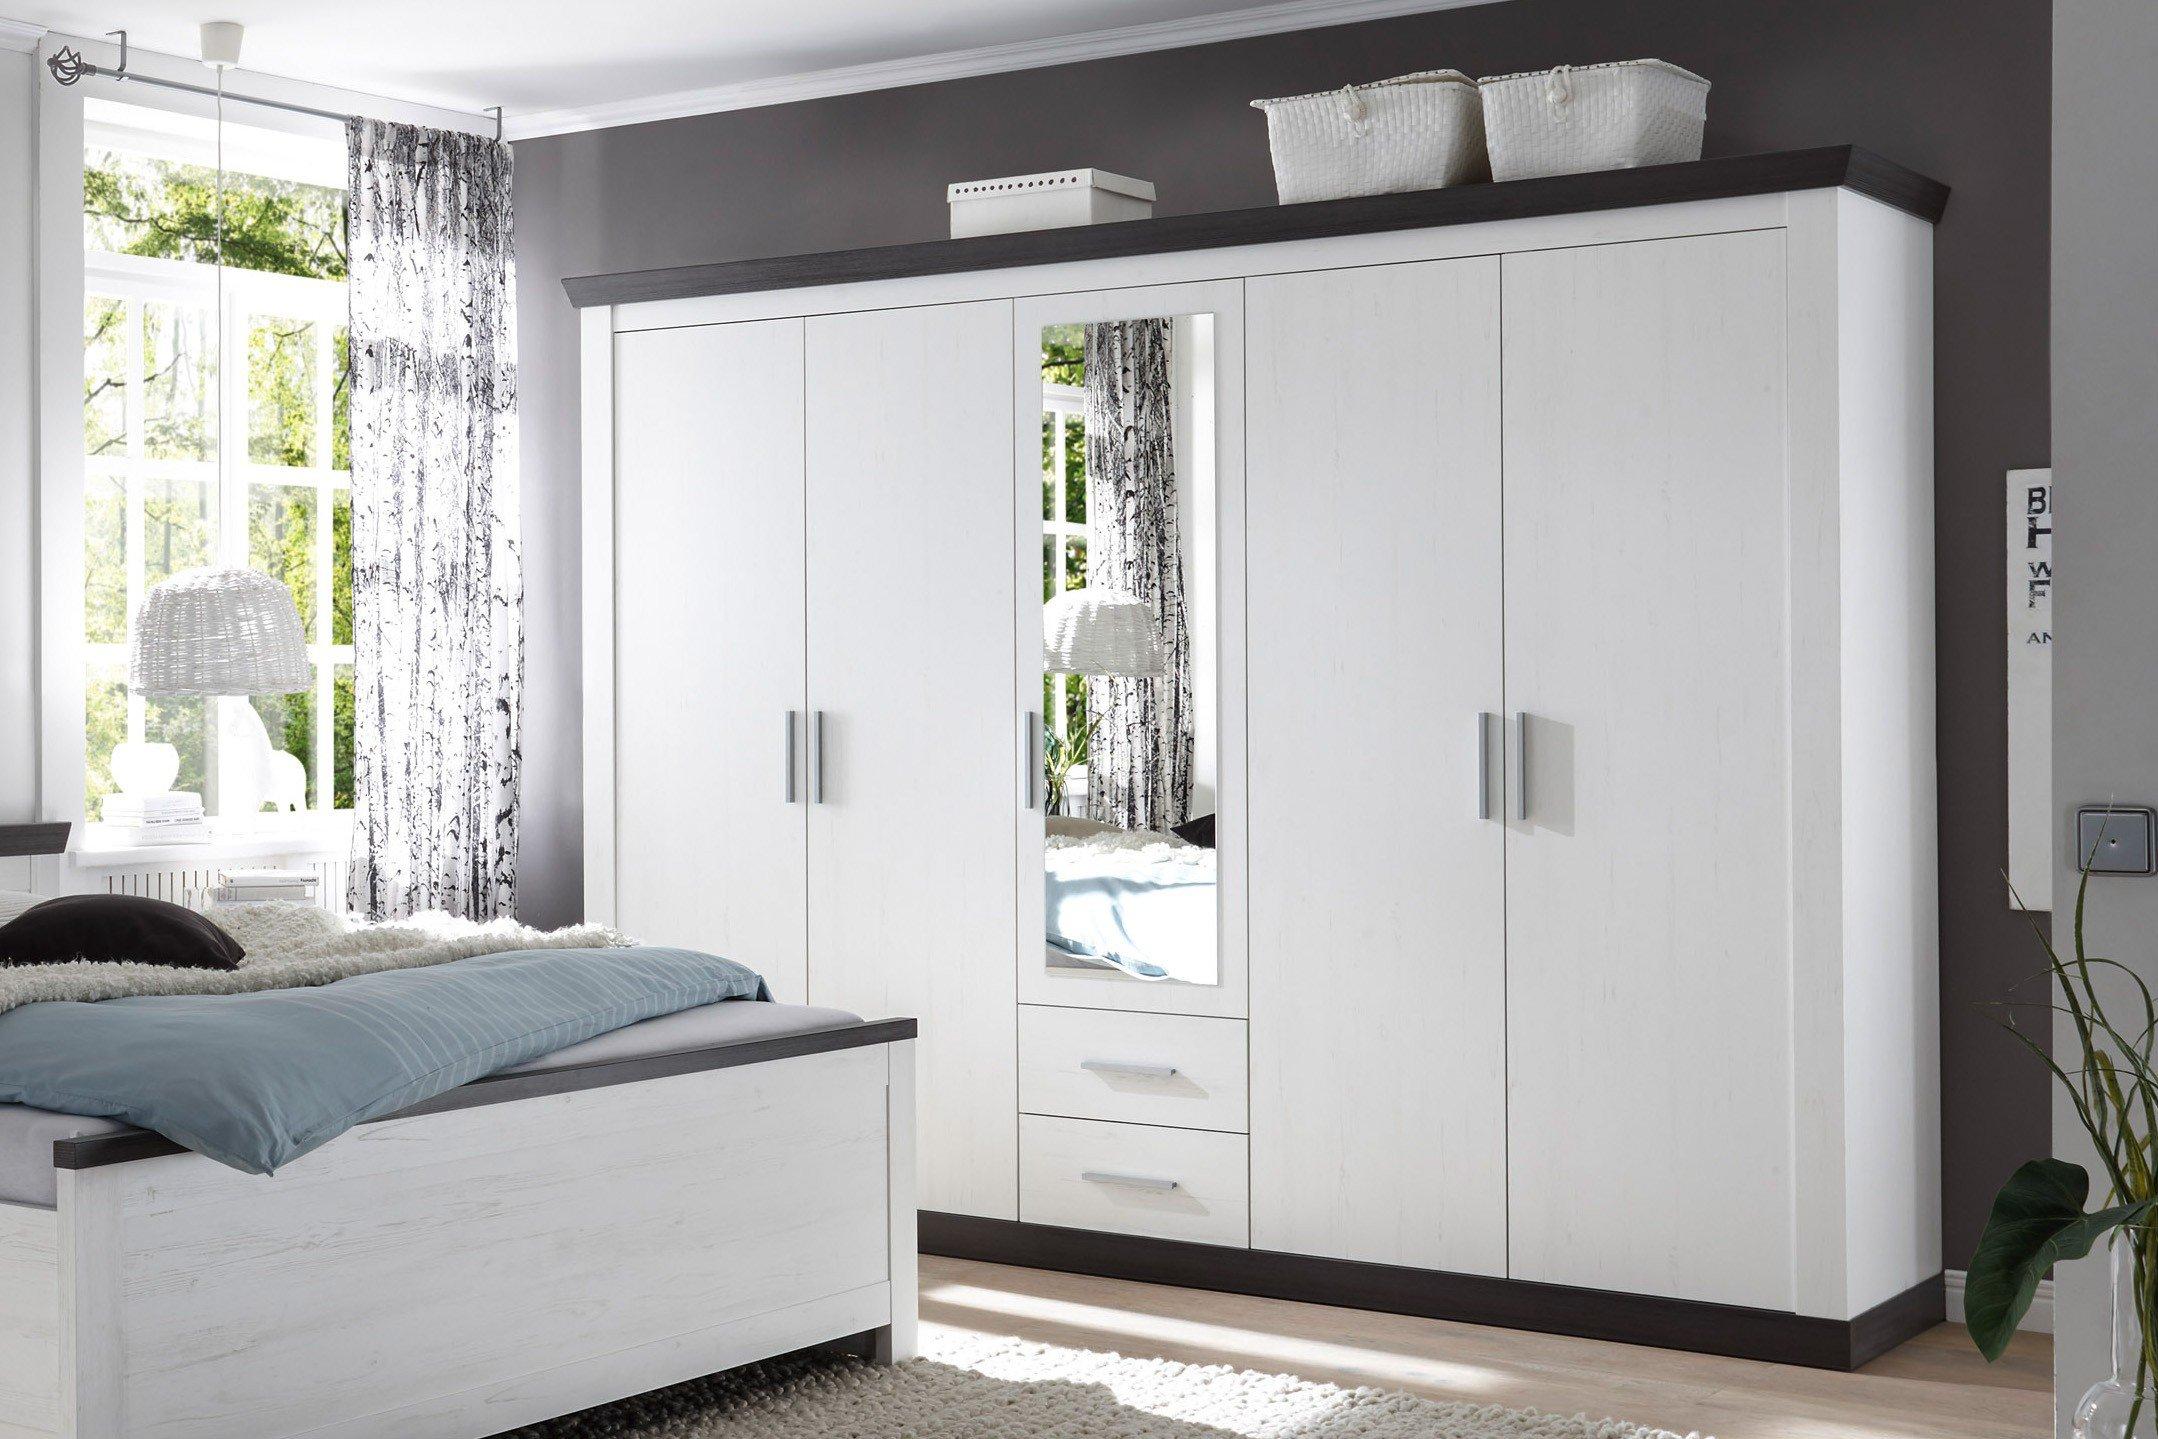 imv steinheim siena kleiderschrank wei mit 5 t ren m bel letz ihr online shop. Black Bedroom Furniture Sets. Home Design Ideas